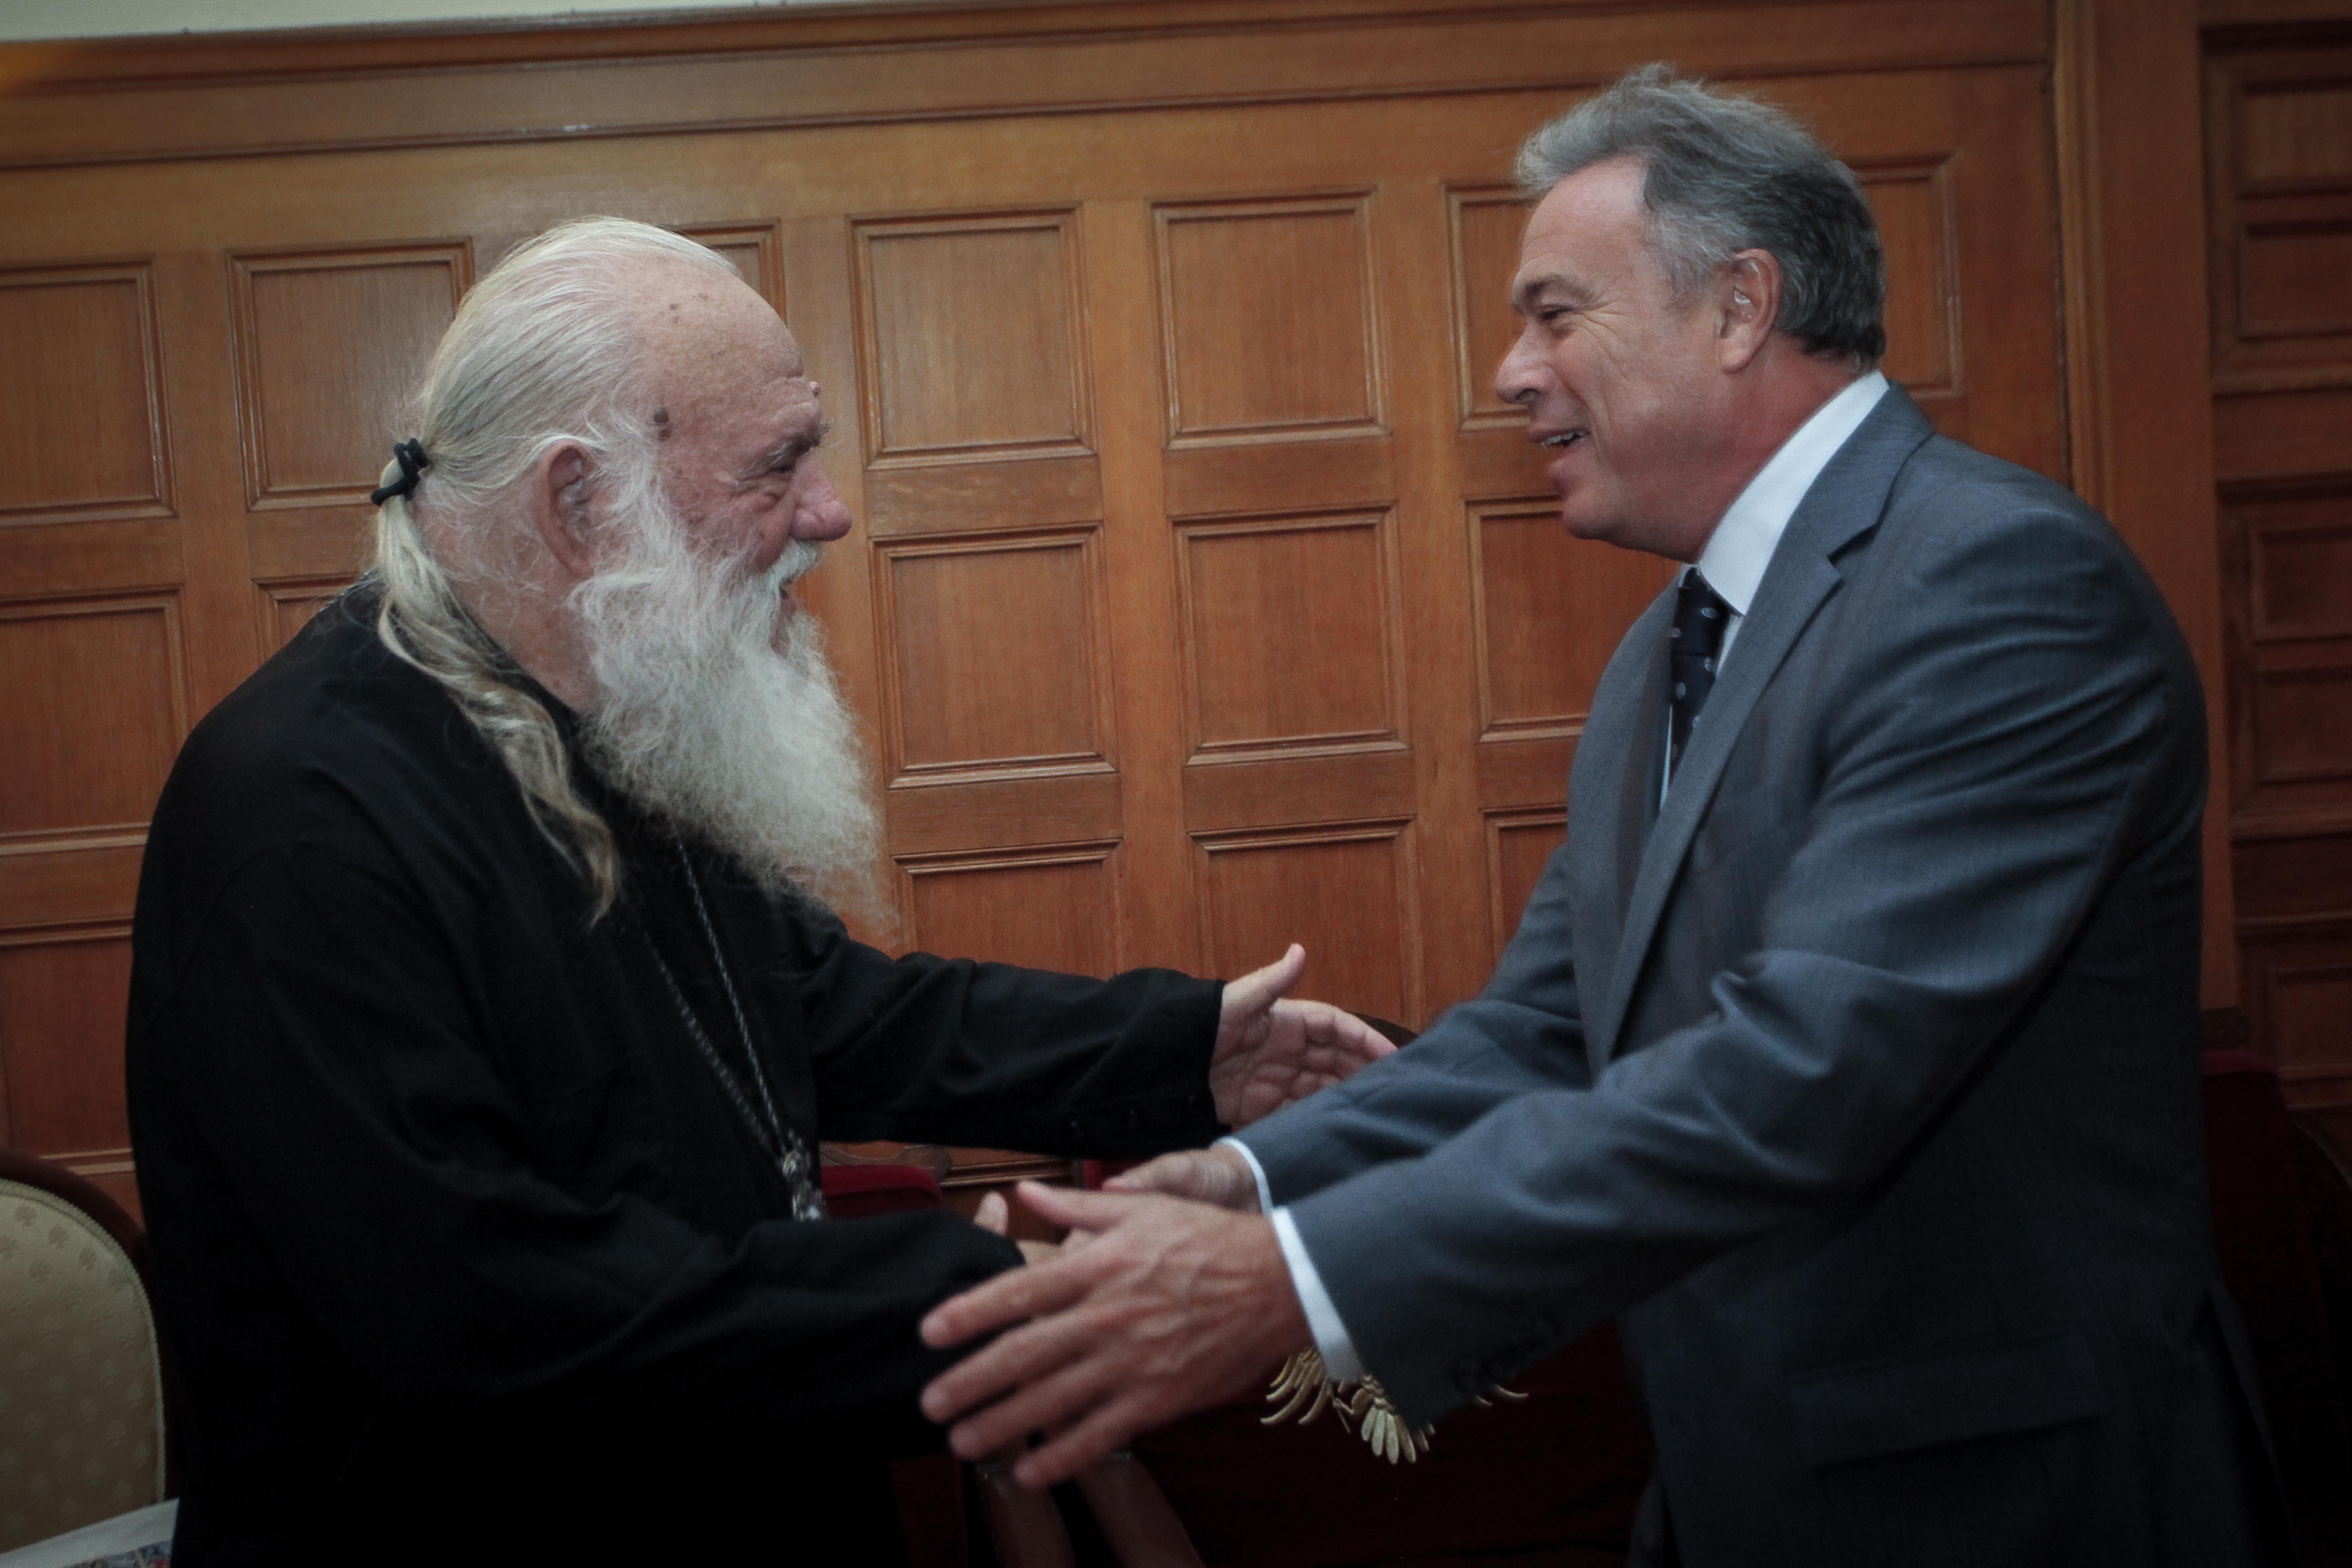 Συνάντηση με τον Αρχιεπίσκοπο Αθηνών και Πάσης Ελλάδας κ. Ιερώνυμο